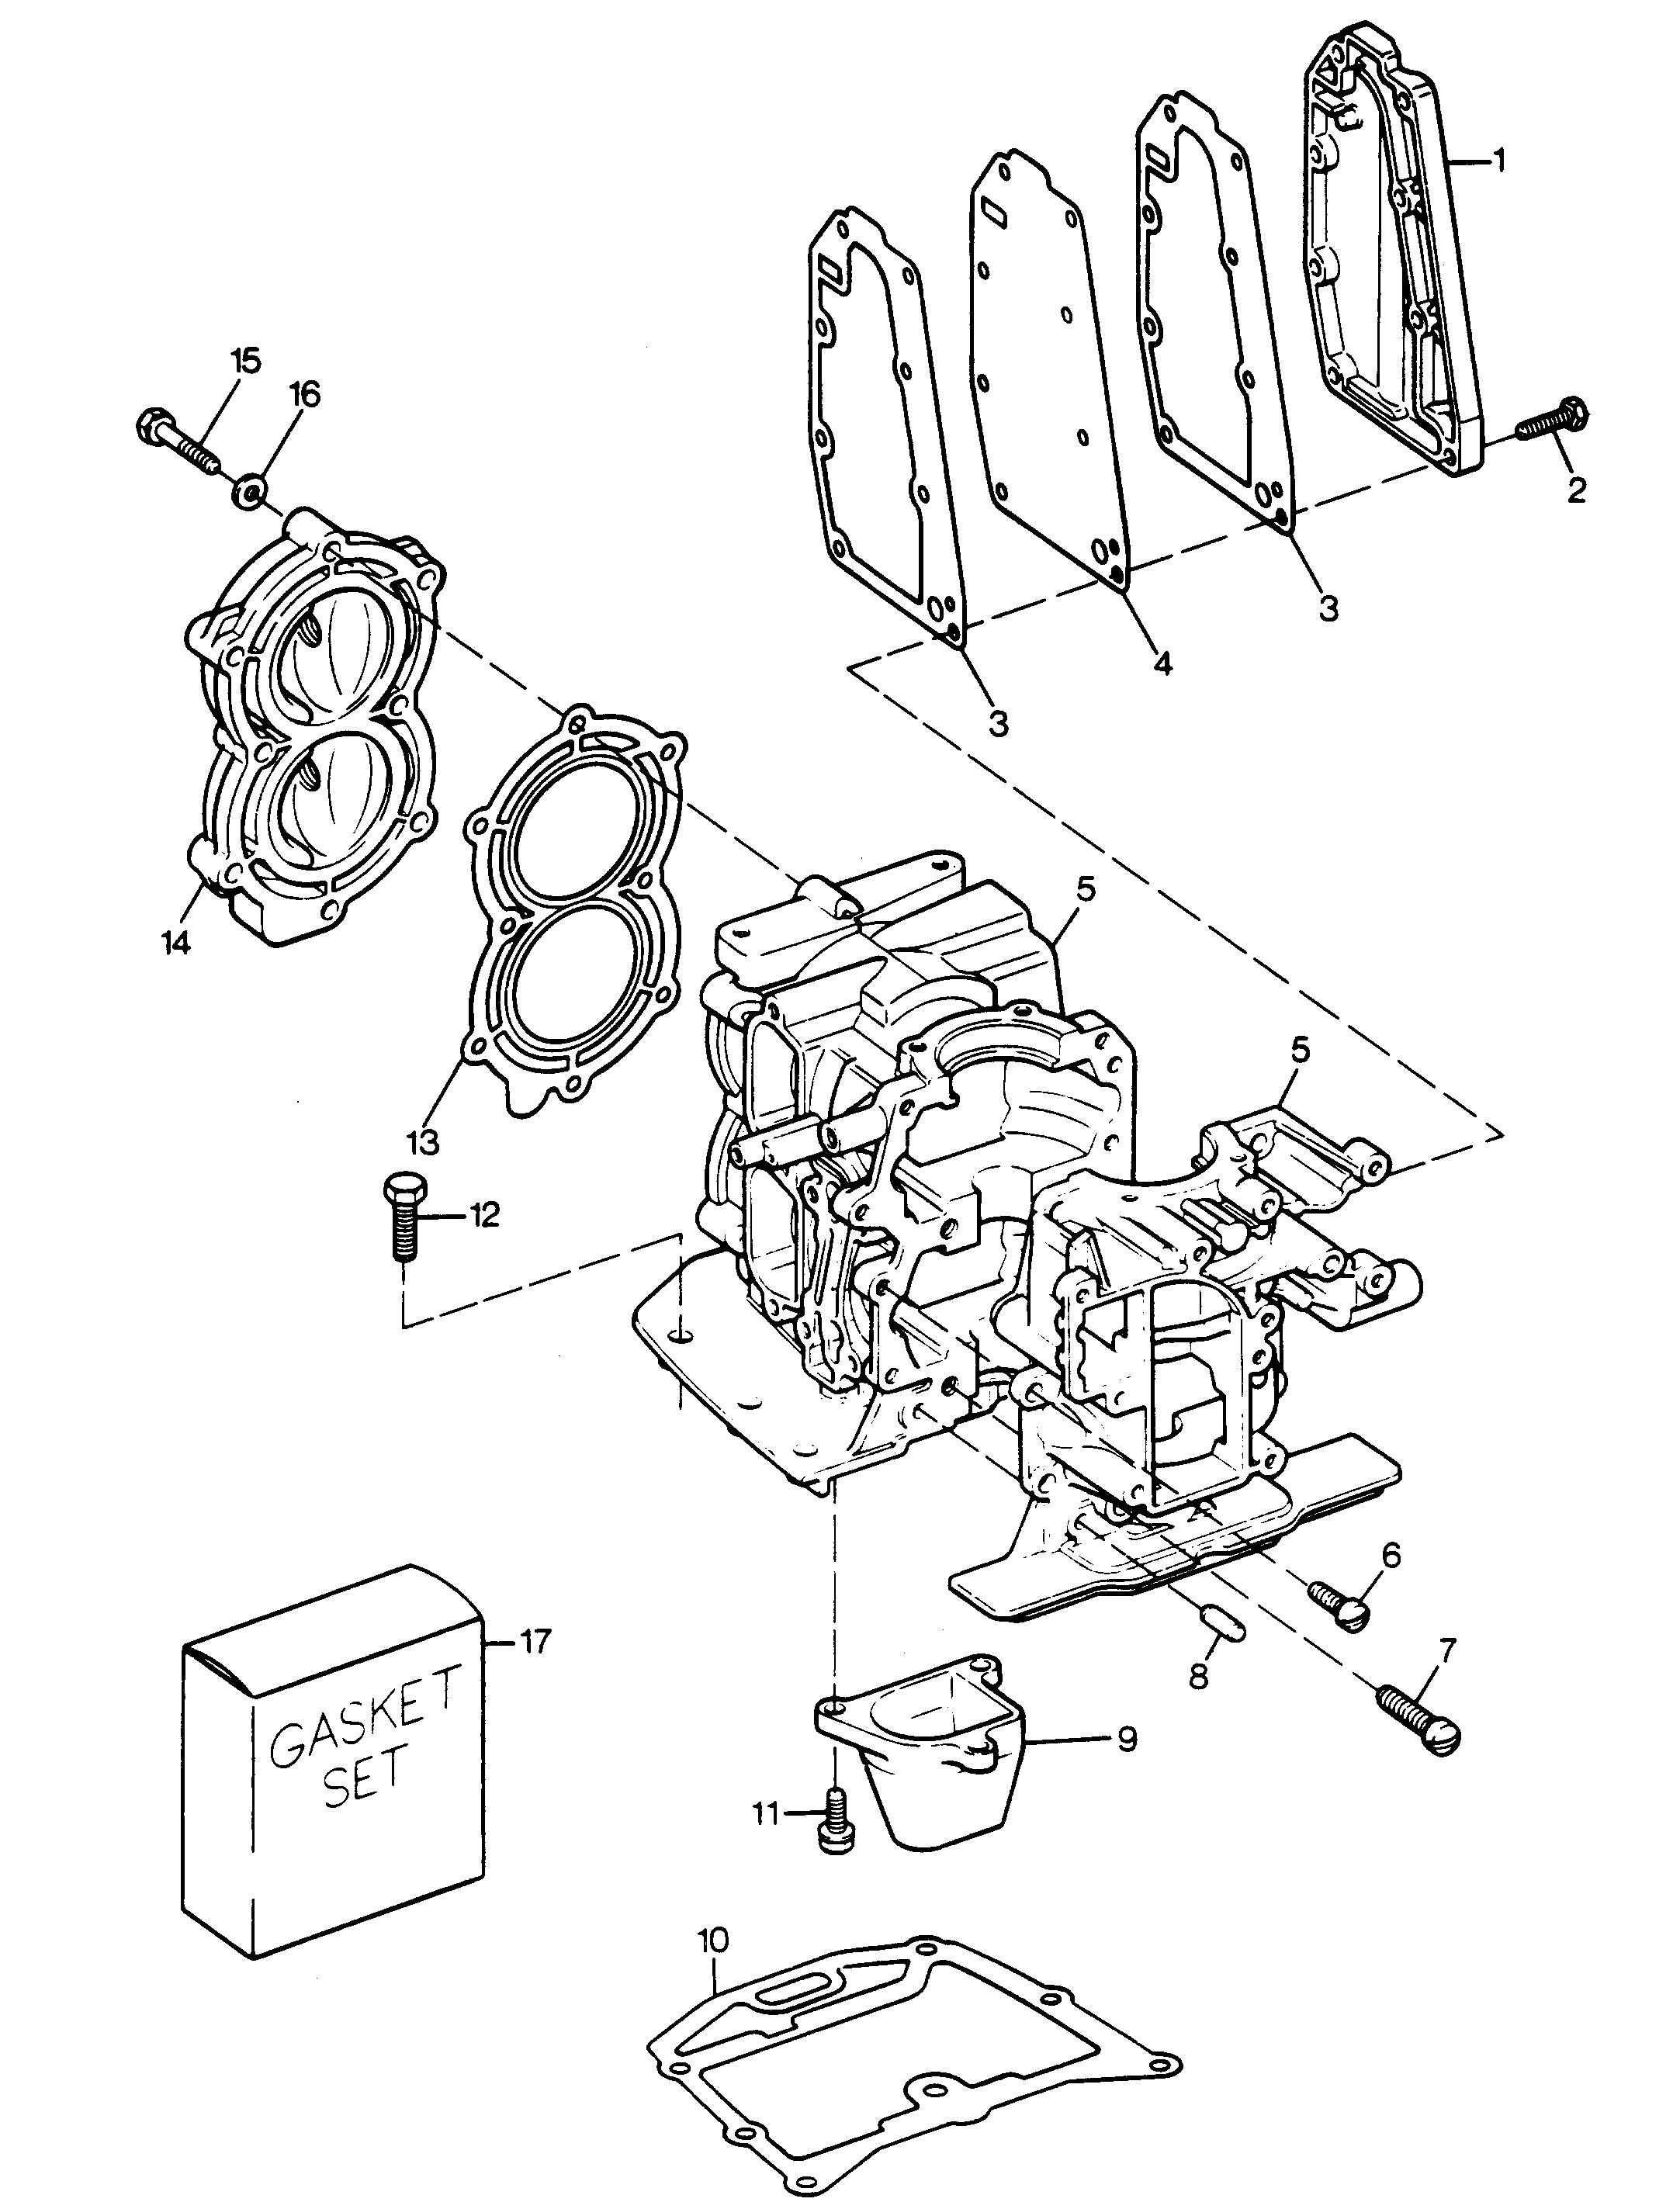 Каталог запчастей SEARS 7.5 H.P. (1988) 225.581750